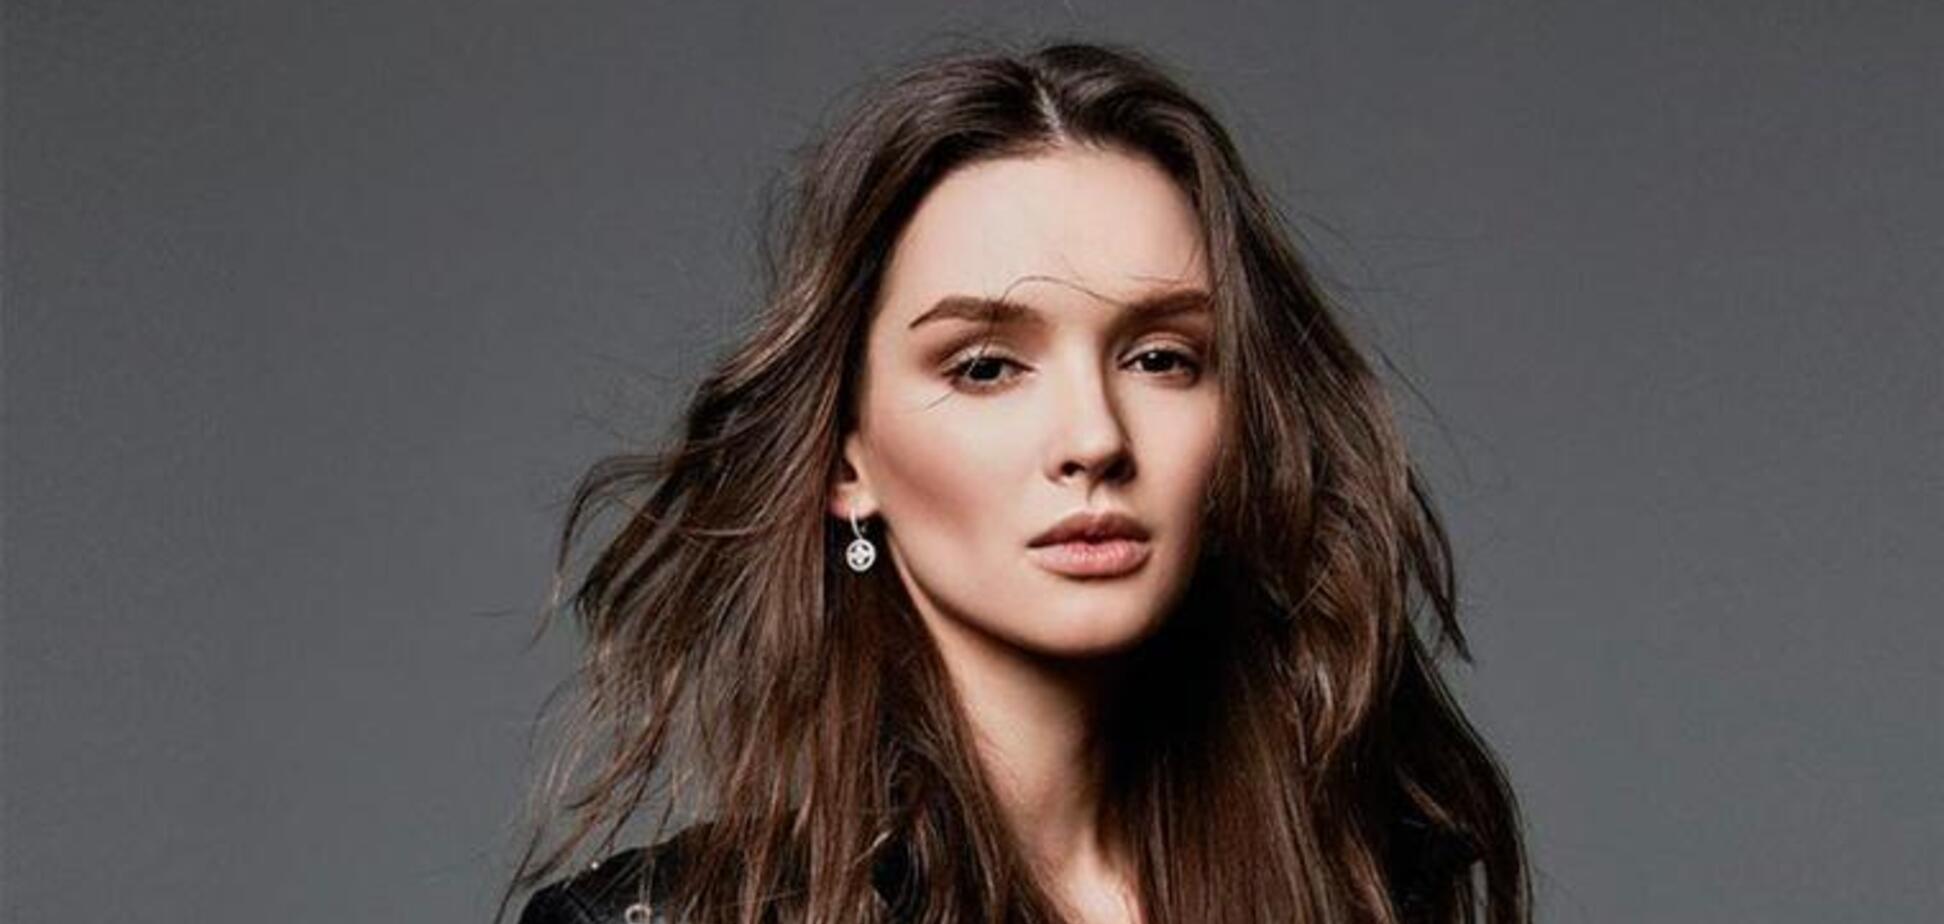 Паулине Андреевой — 31: самые сексуальные фото российской актрисы